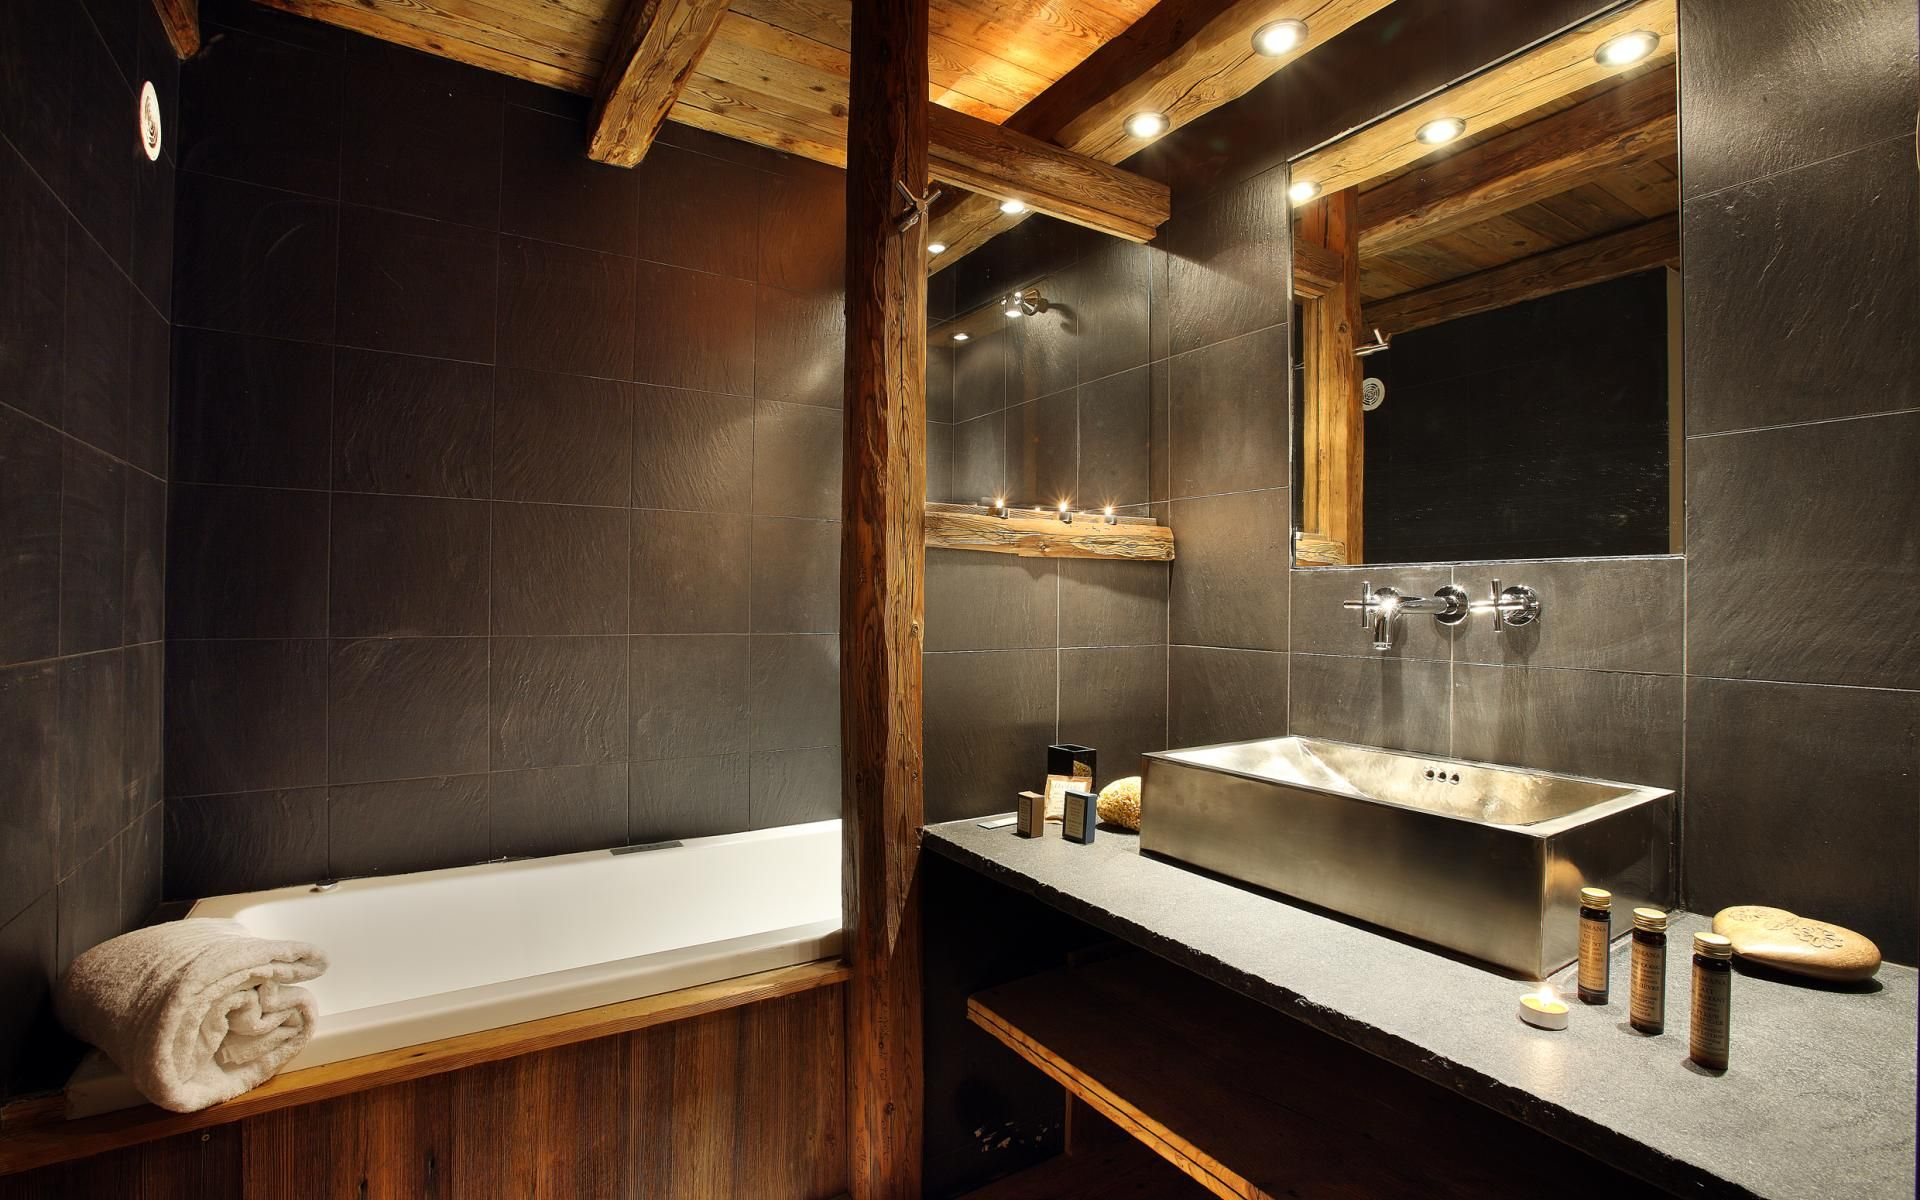 Bagno In Pietra E Legno Idee Case Canuto Mrustic Bathroom